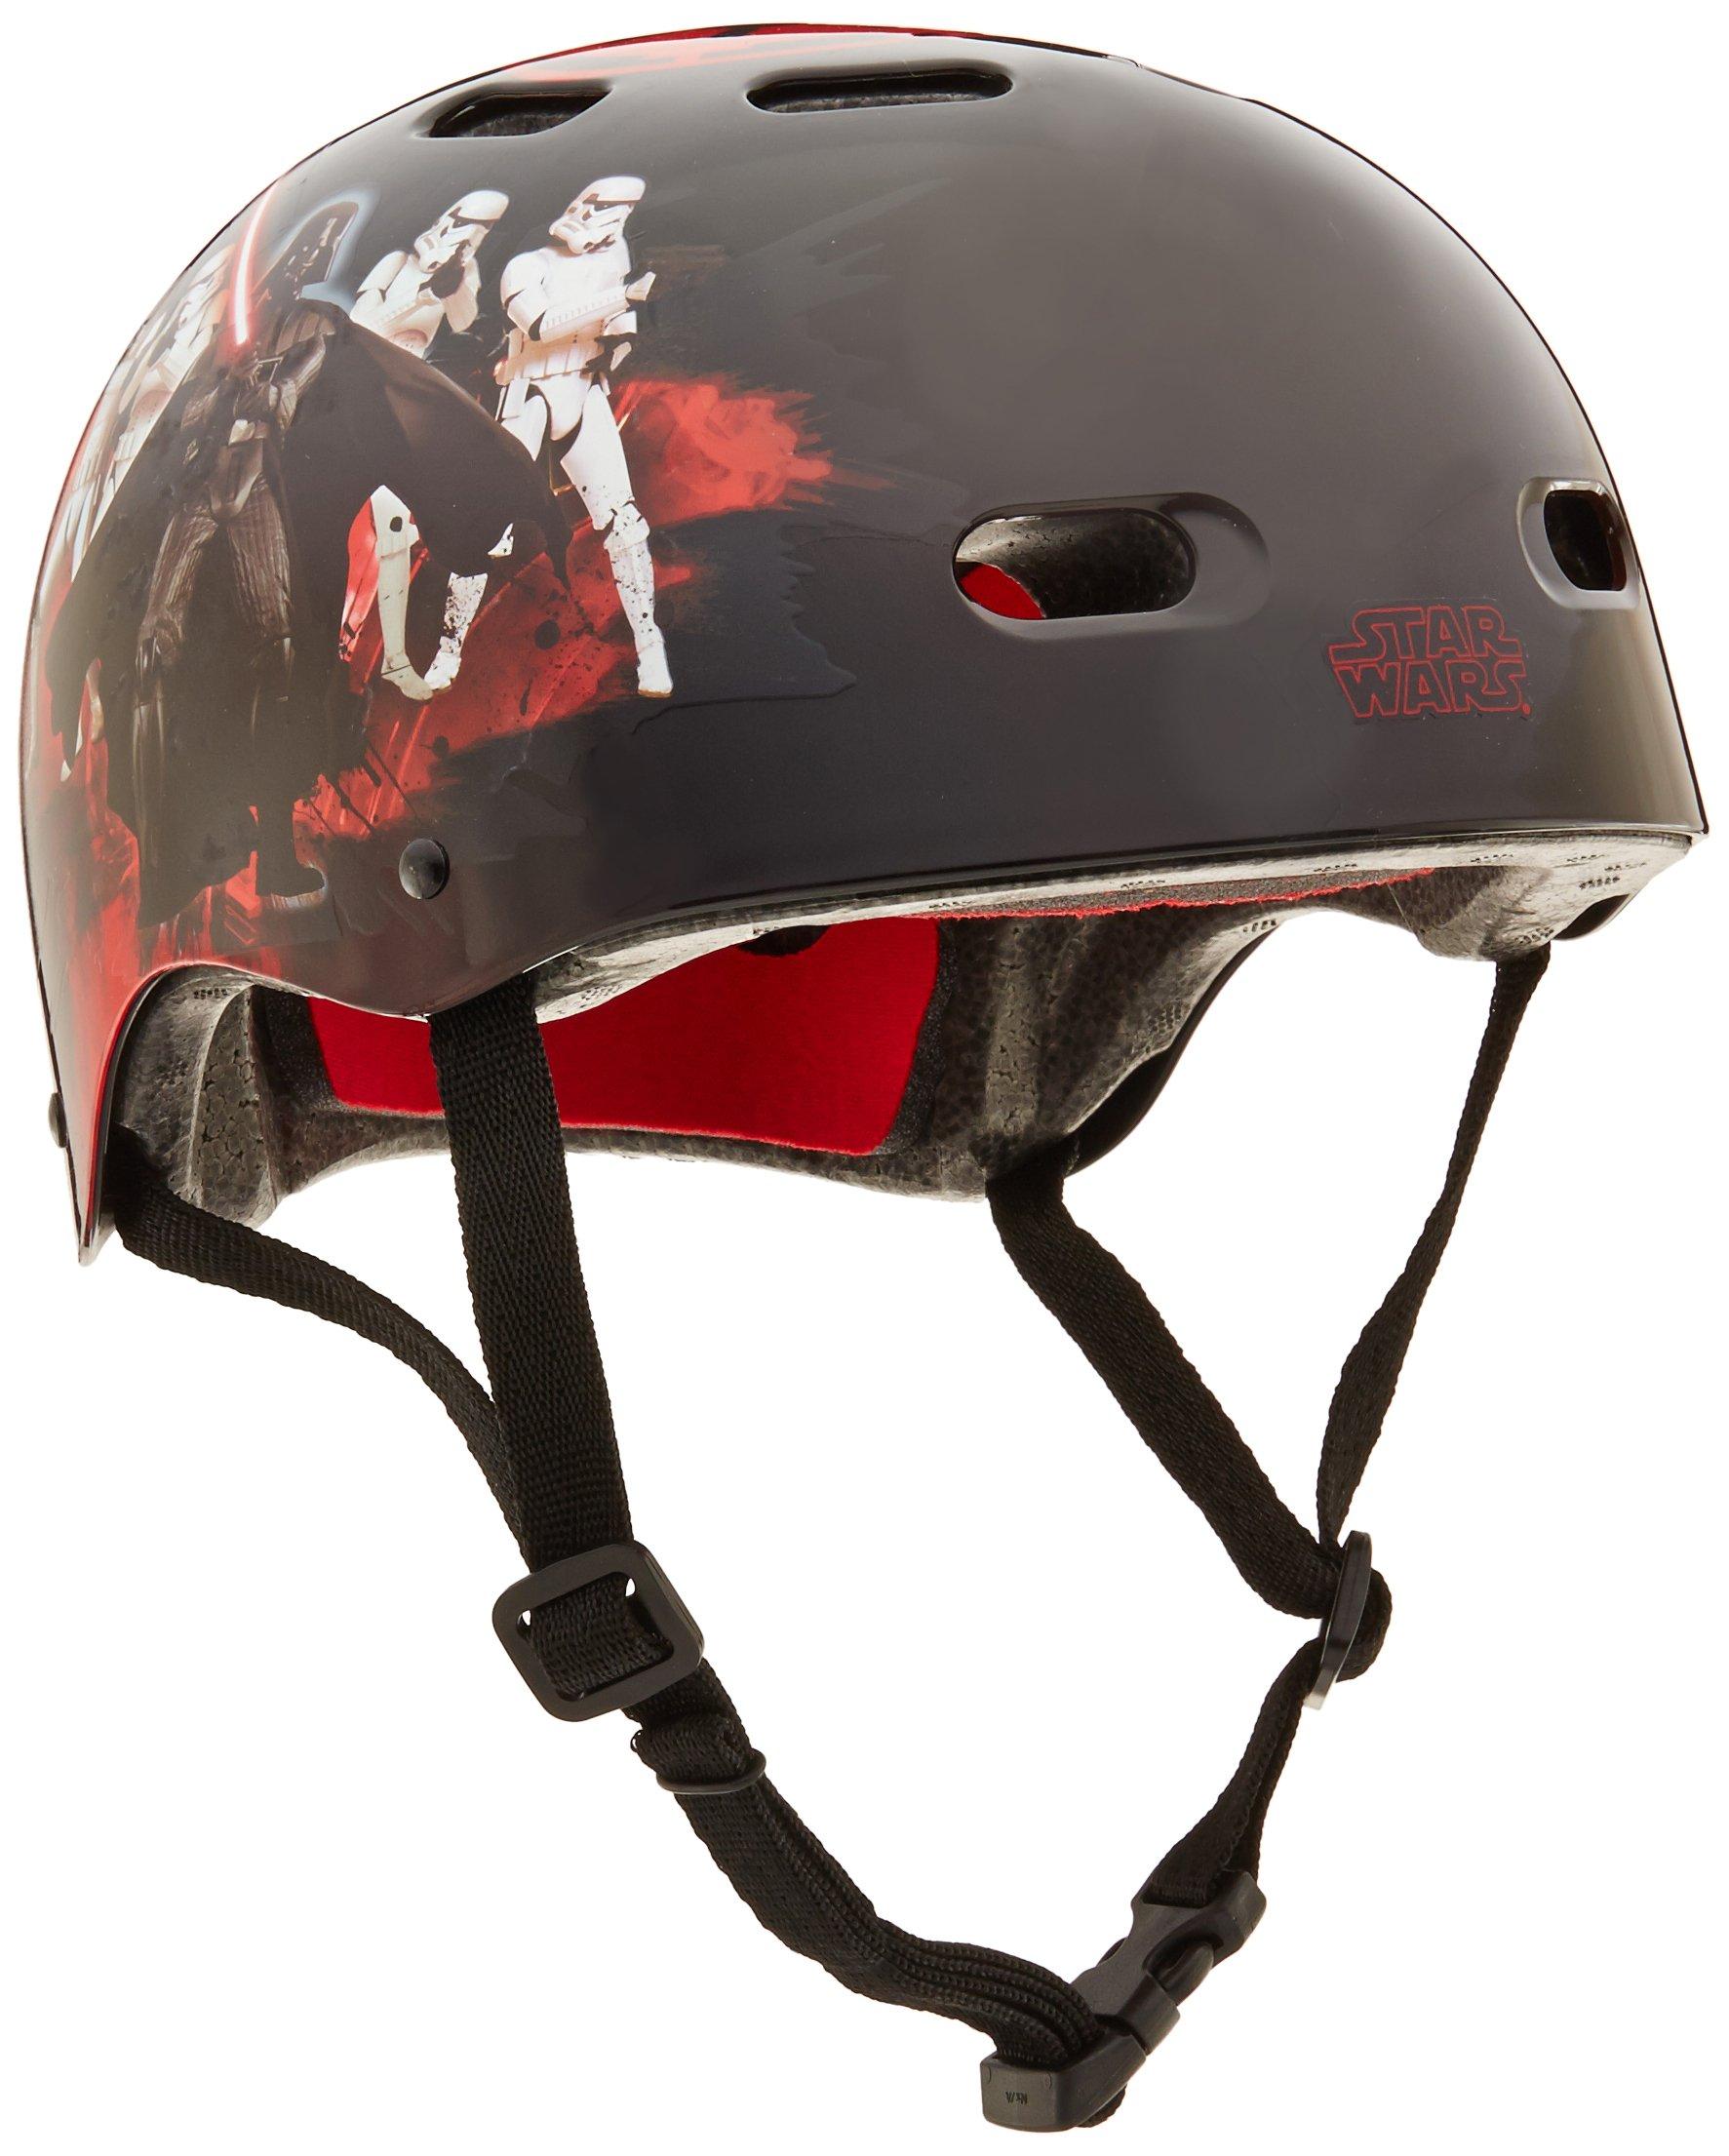 Bell 7065128 Child Star Wars Darth Vader Multi-Sport Helmet